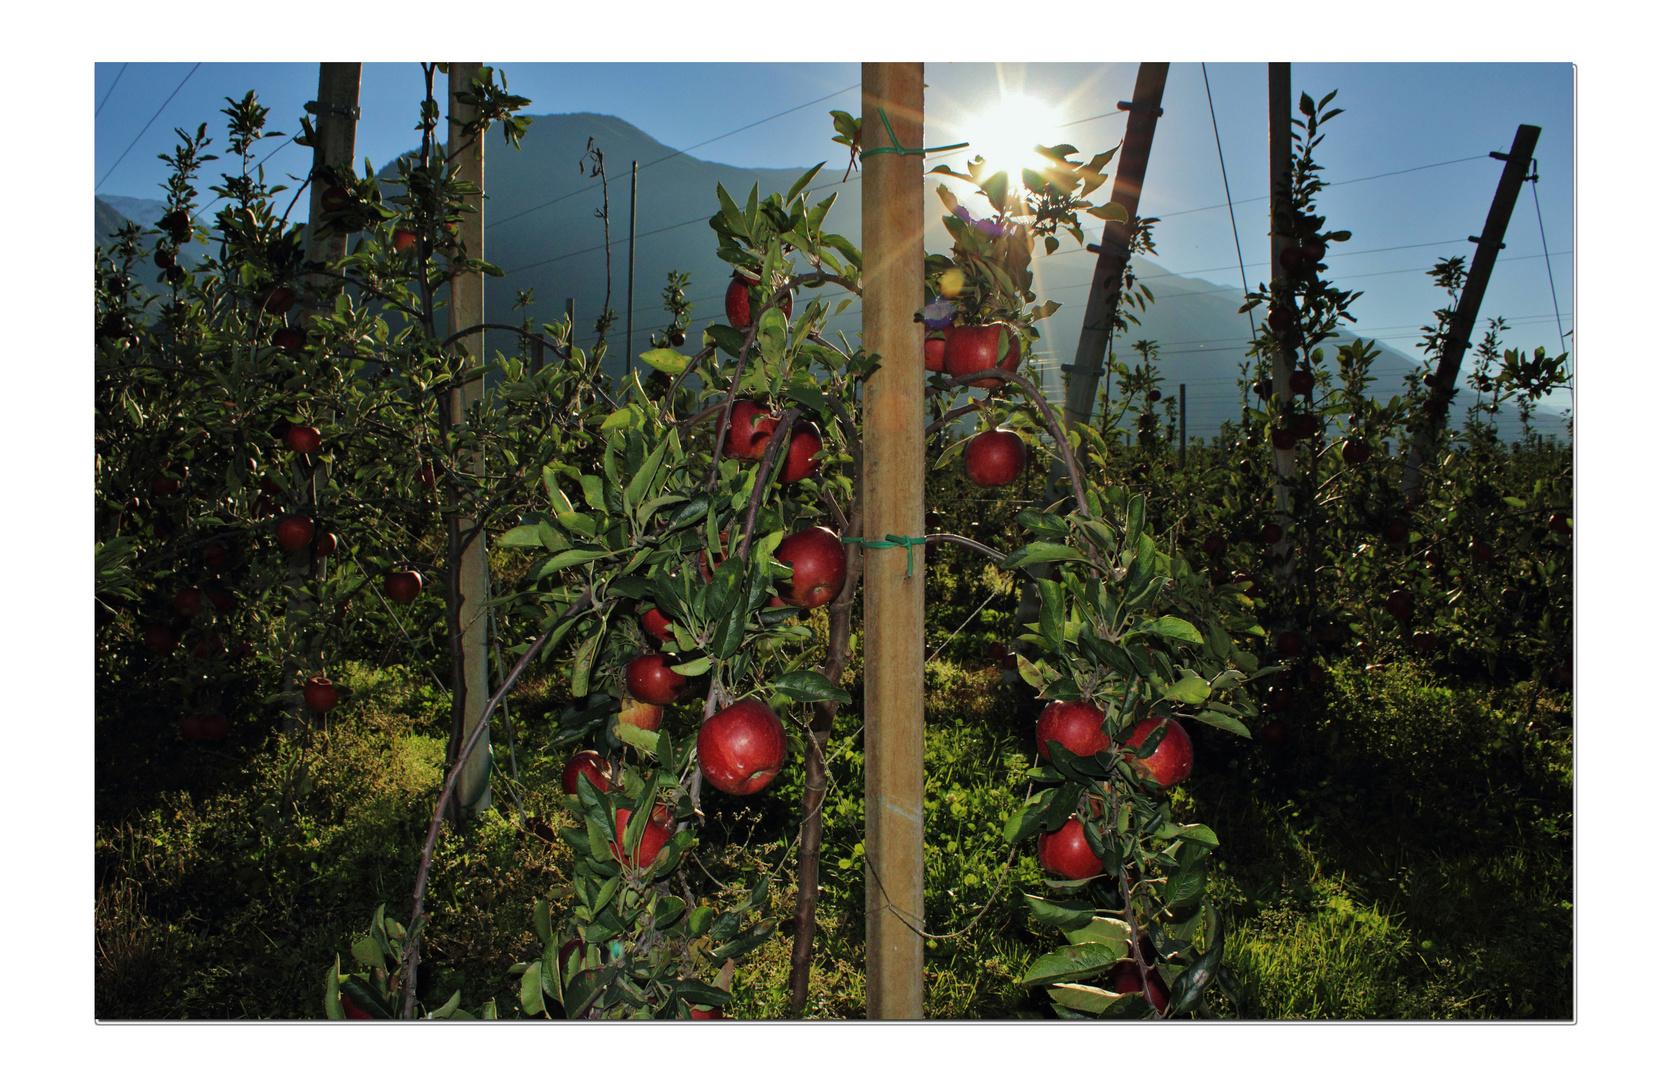 Vinschgau, Äpfel, Äpfel, Äpfel